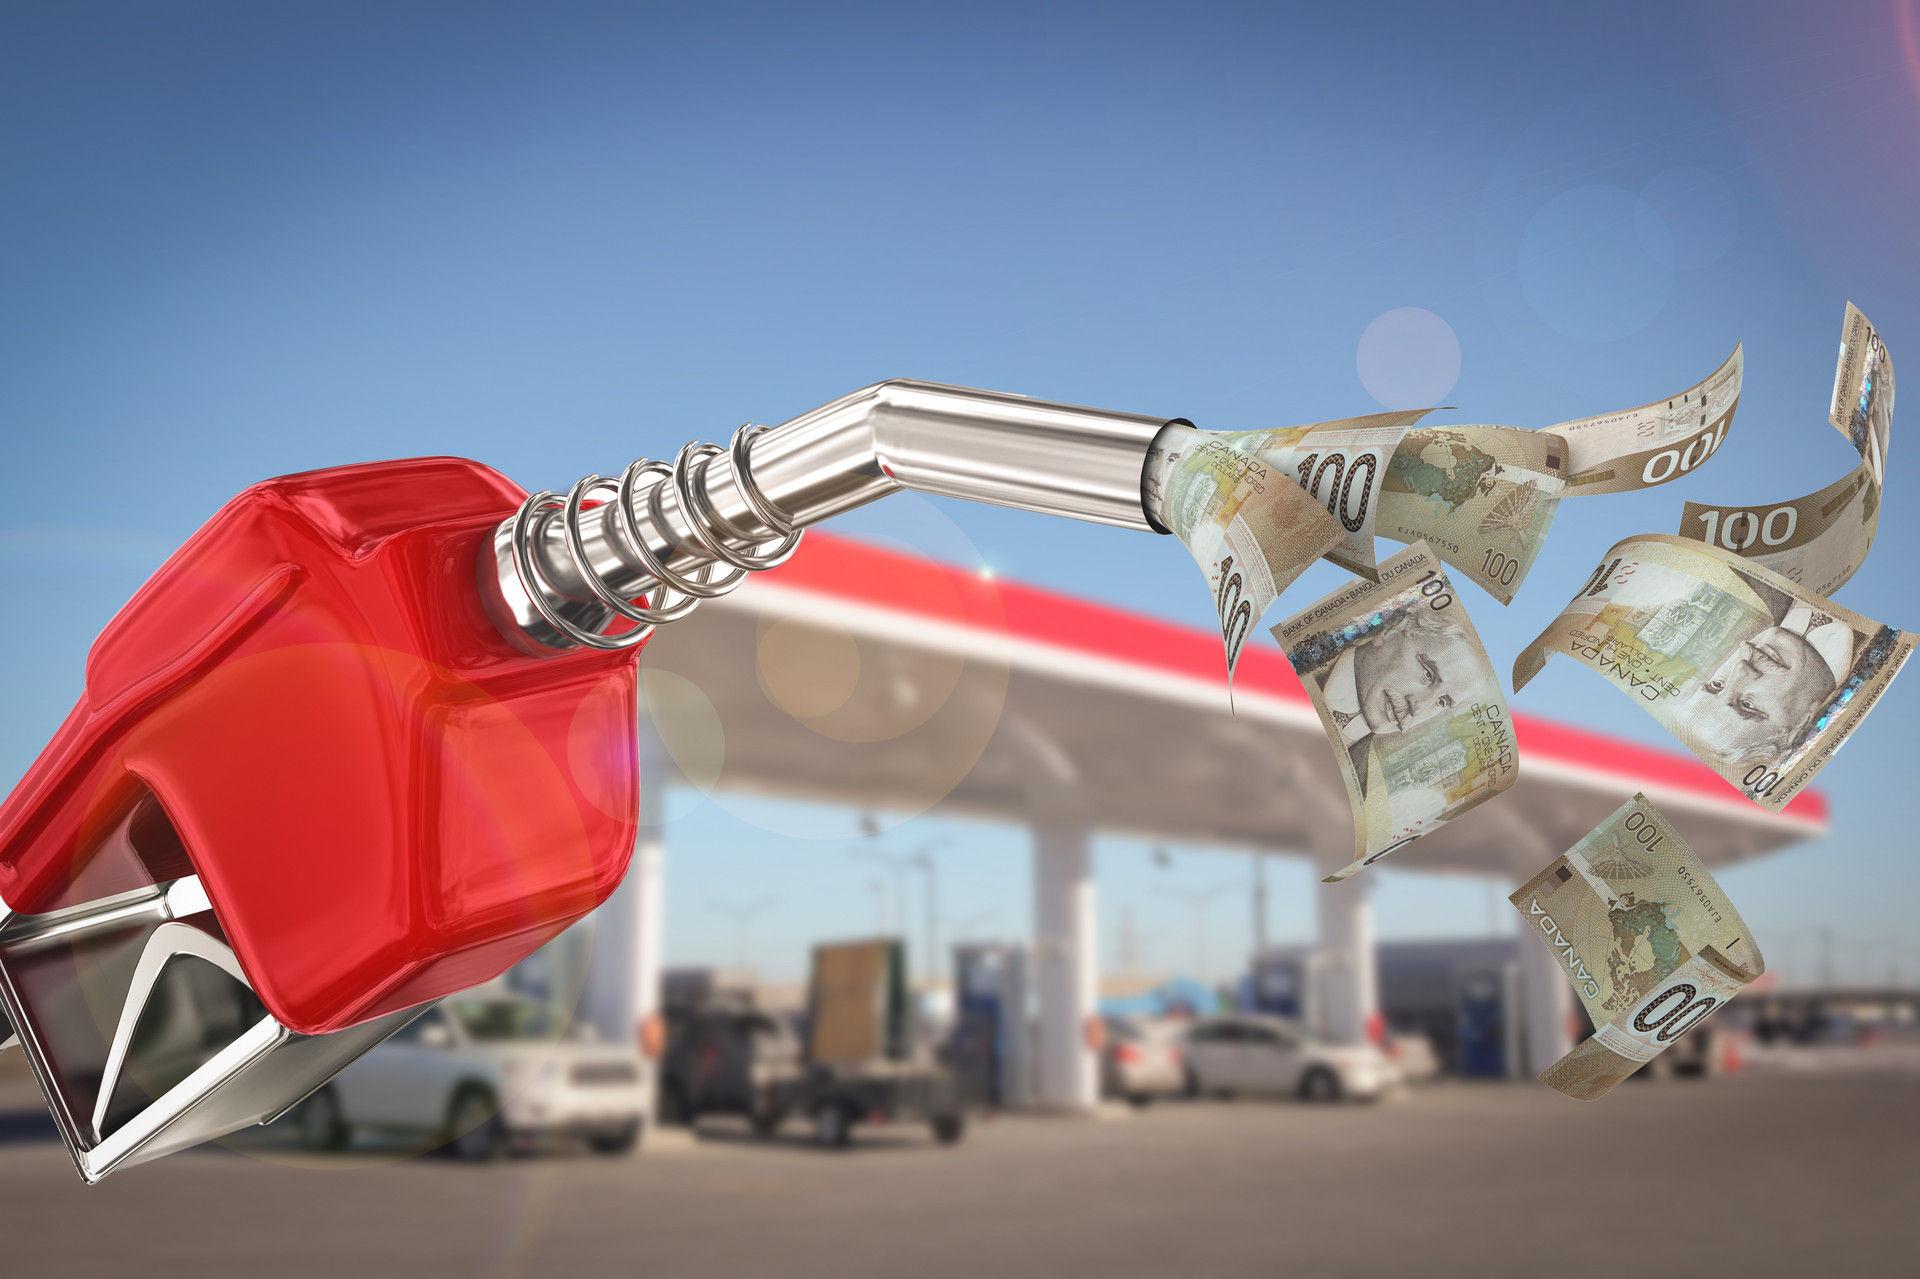 油价新高,运价上涨呼声很高,集卡、快递都开始涨了